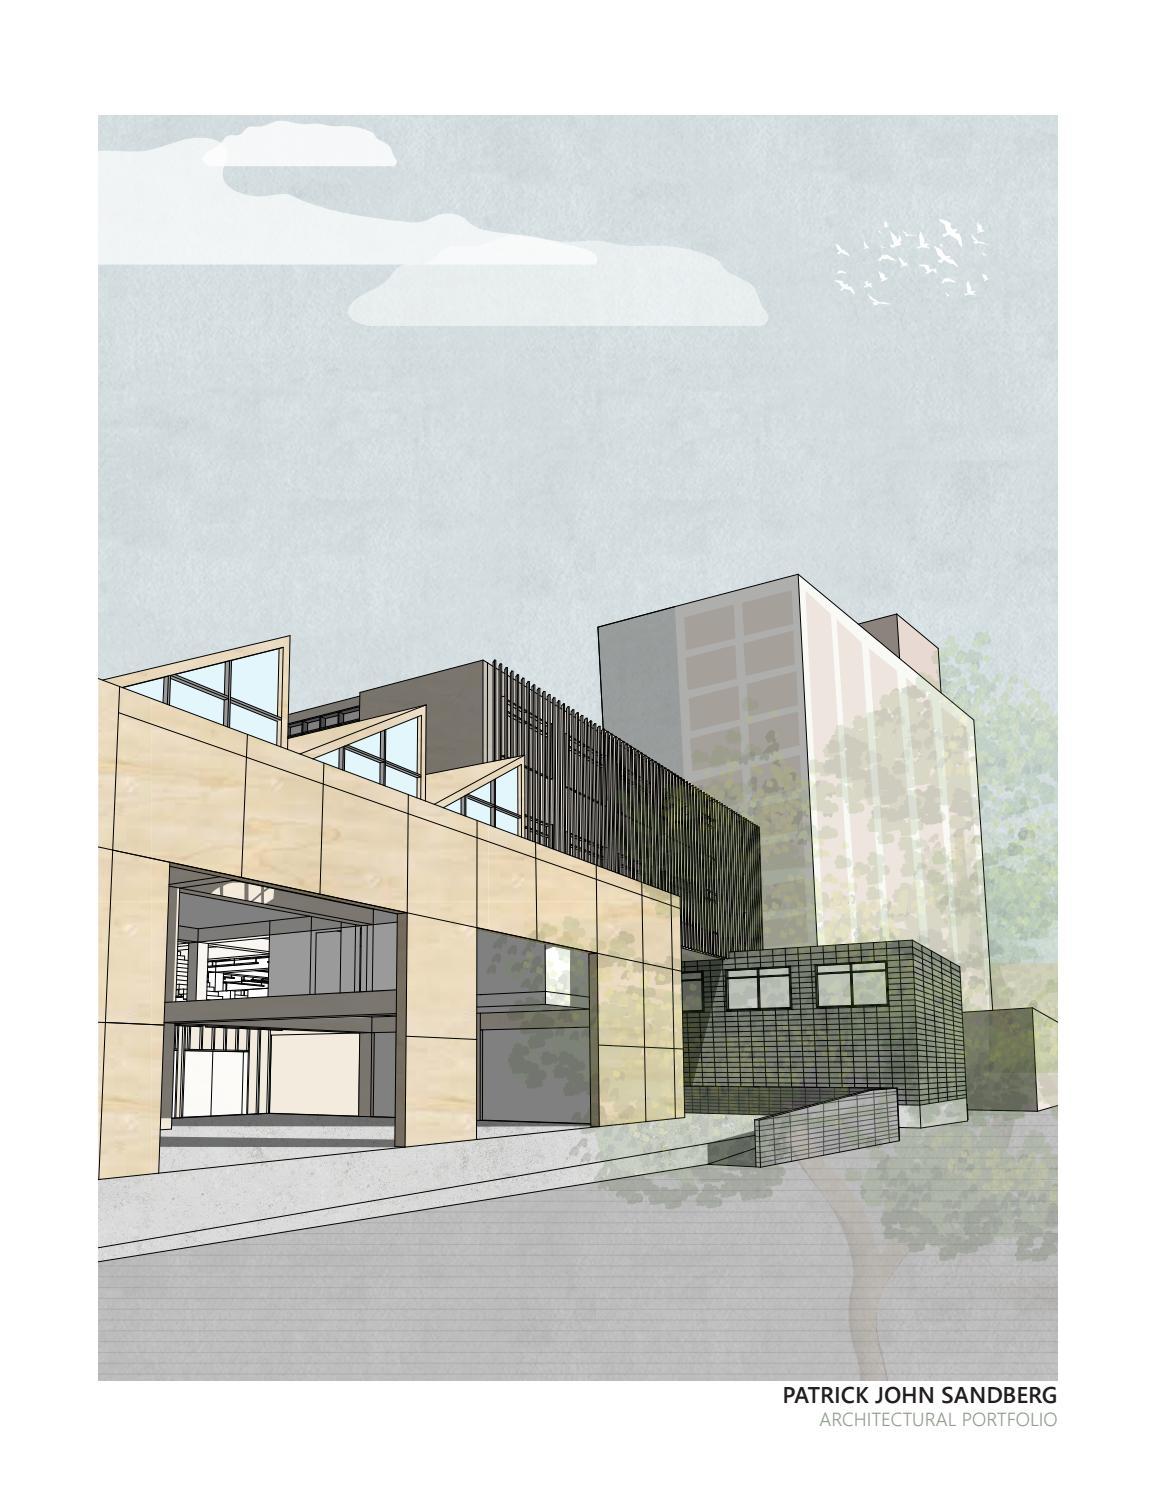 2019 Architectural Portfolio Ryerson University By Patrick Sandberg Issuu